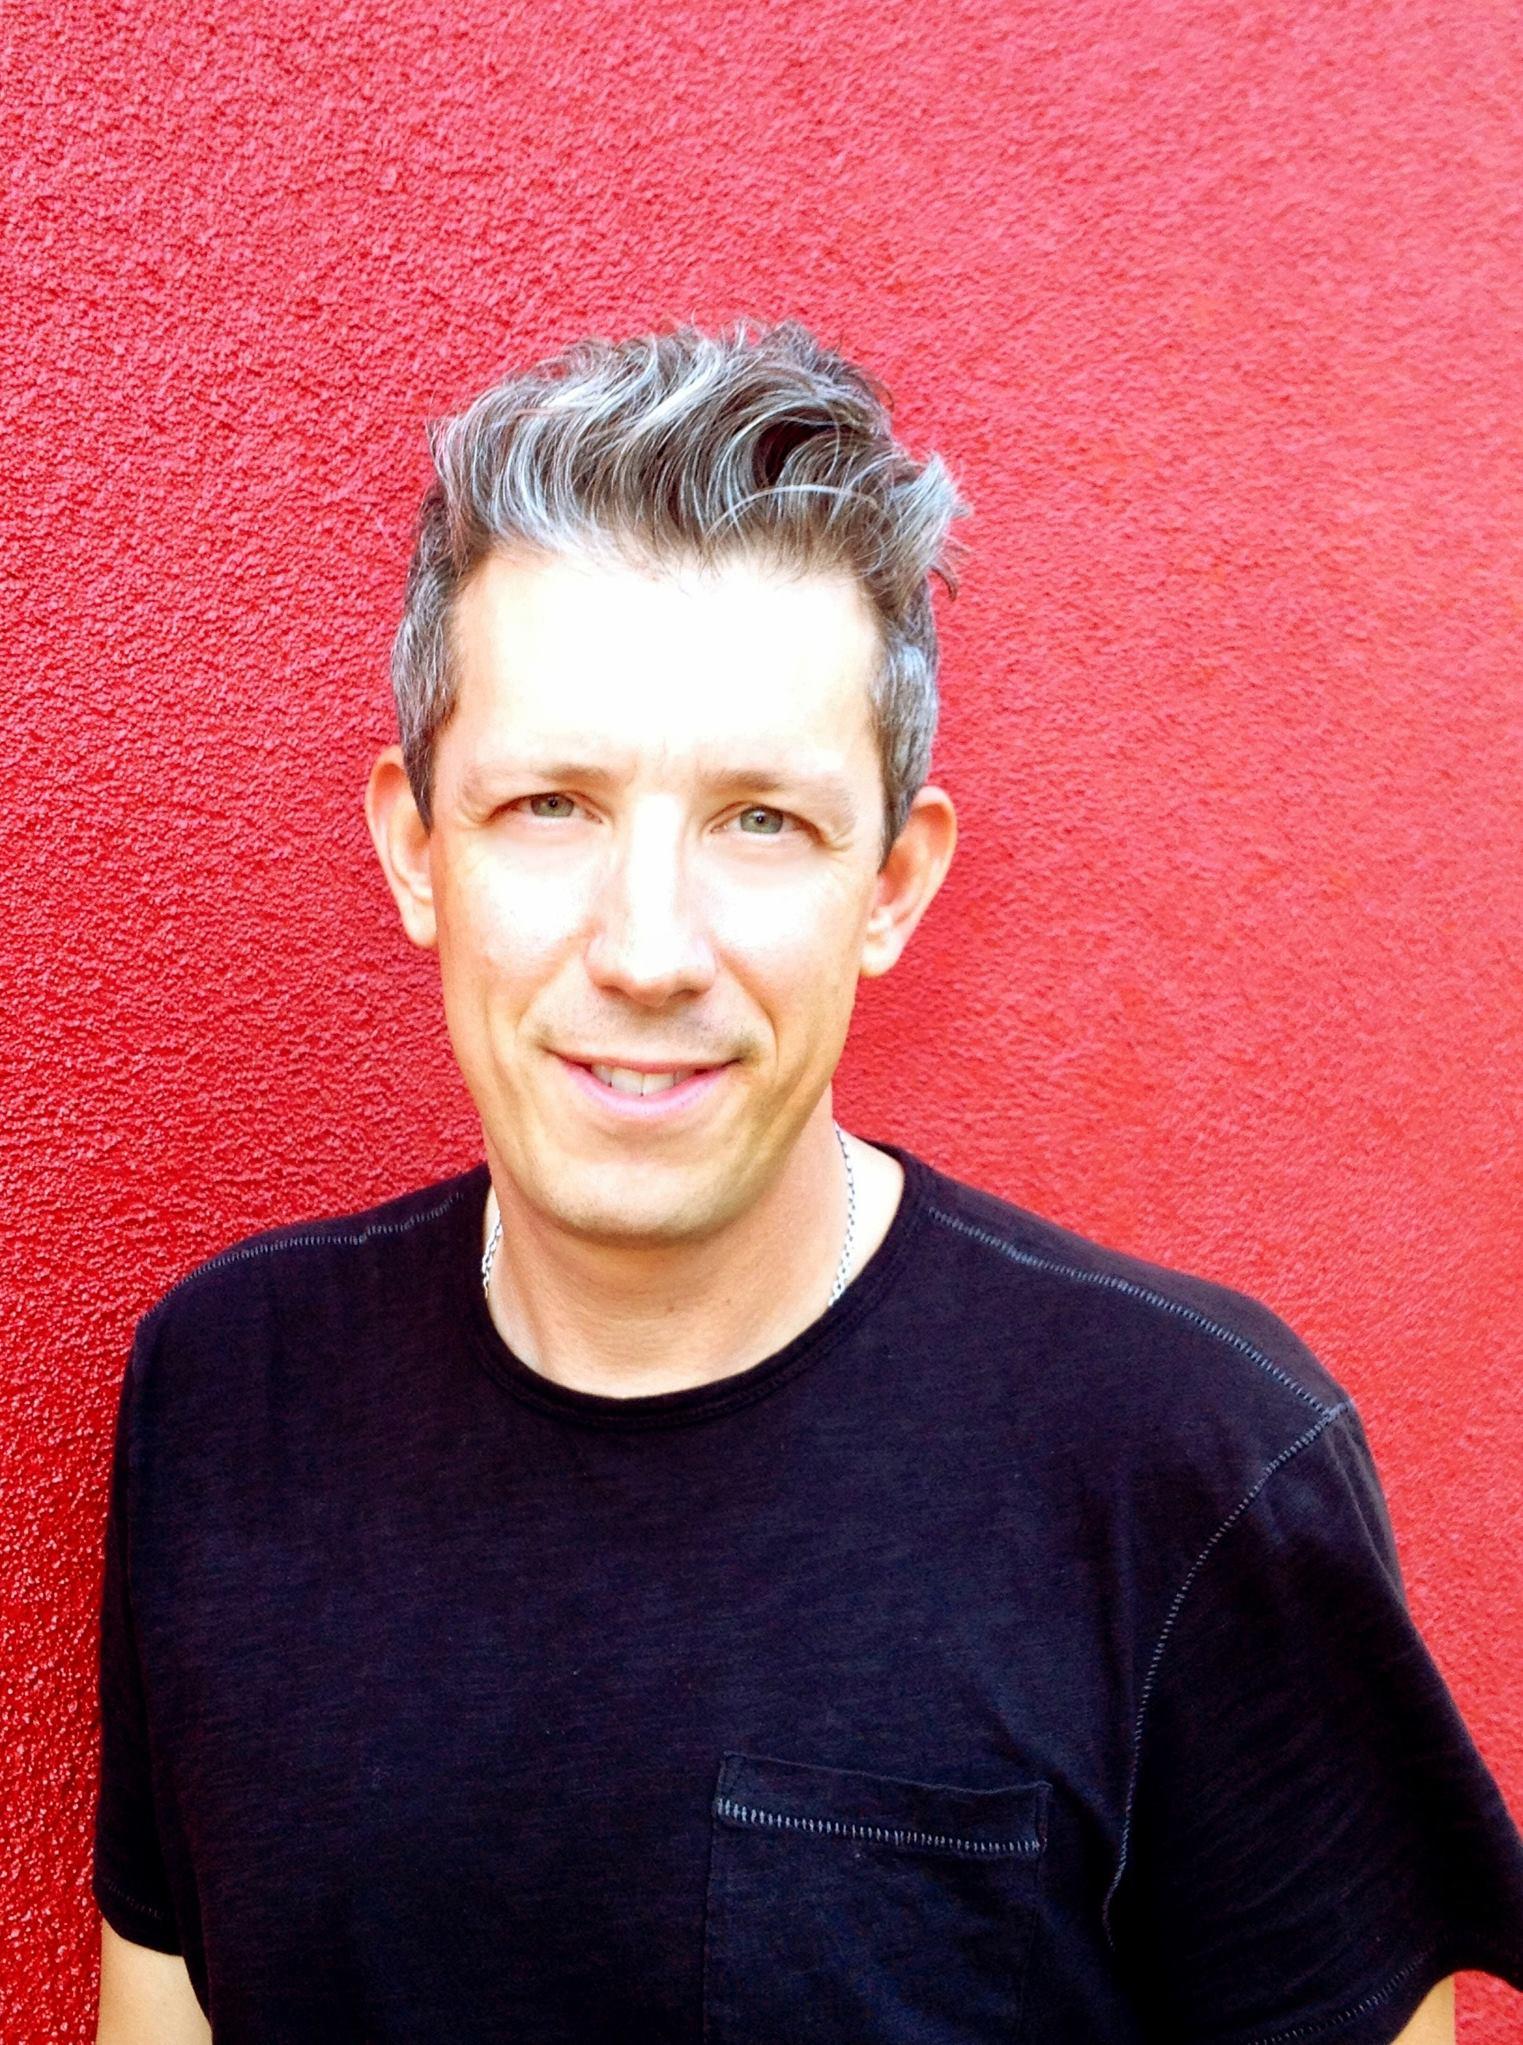 Jeff Castelaz